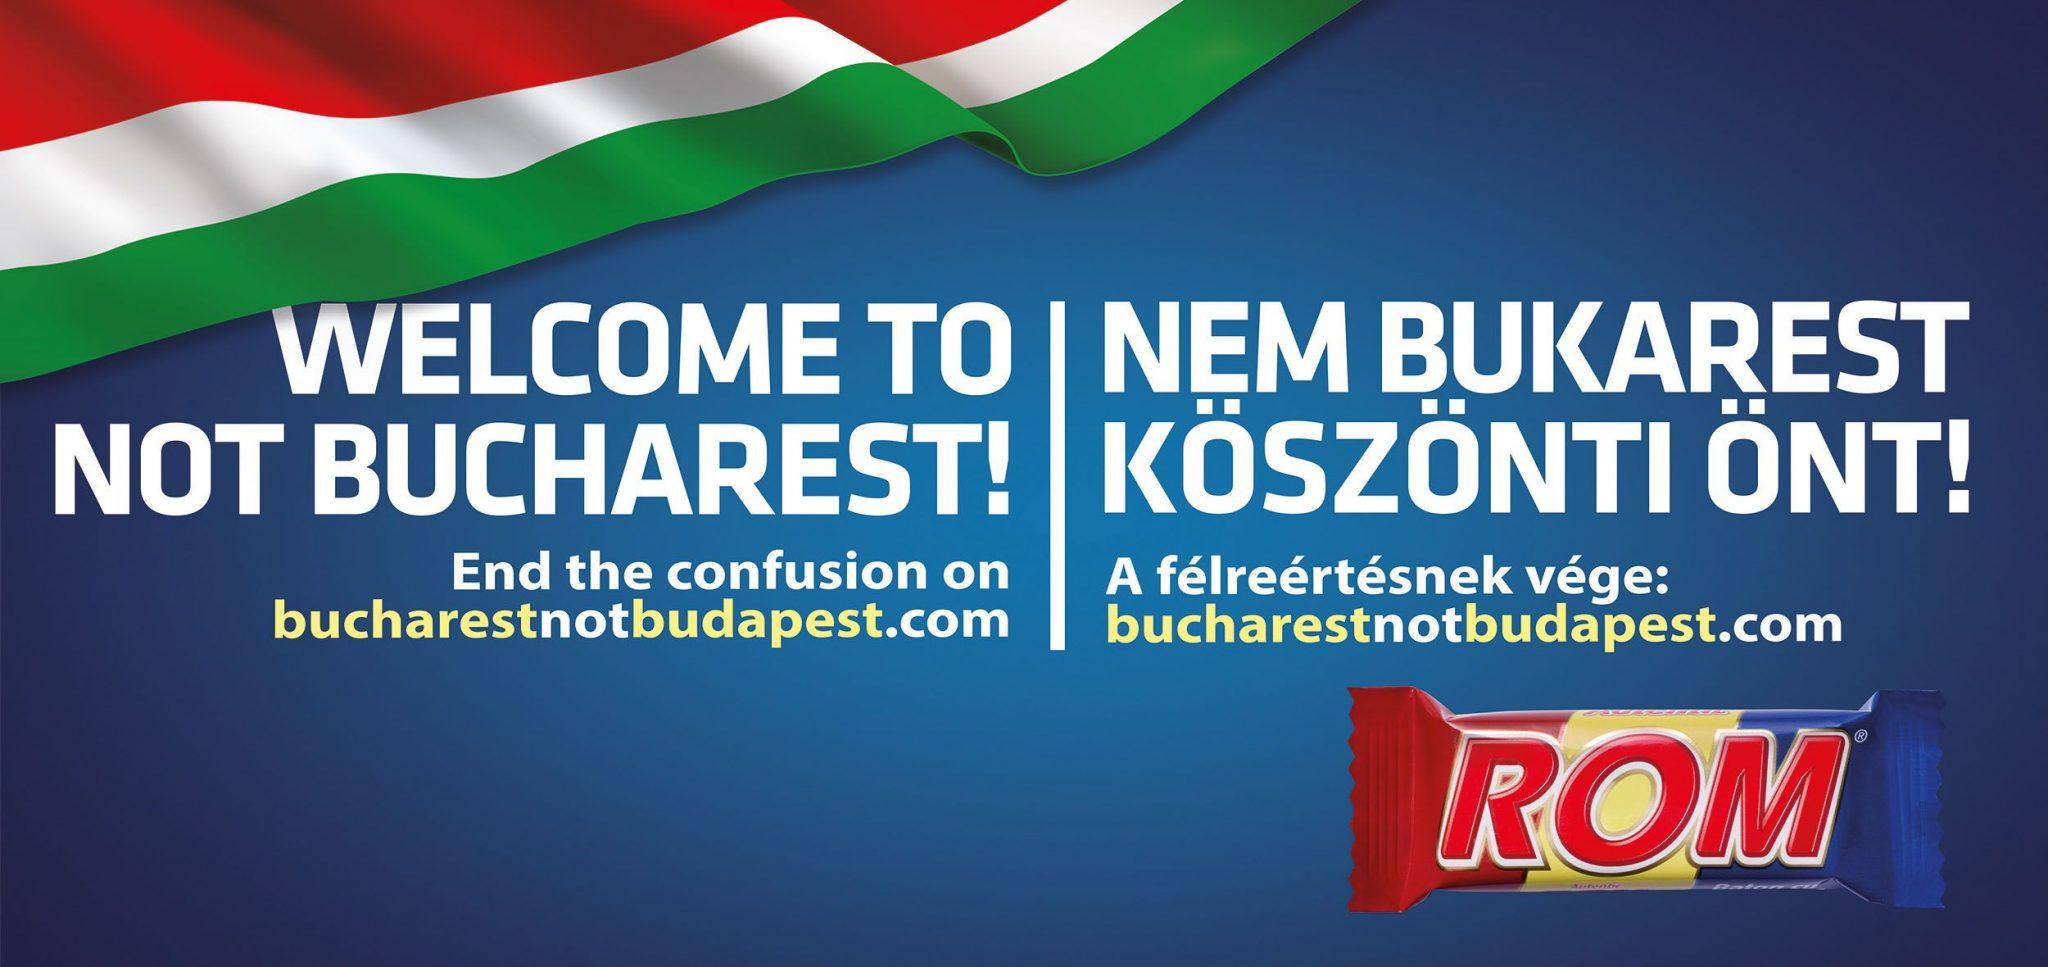 bucharest-not-budapest